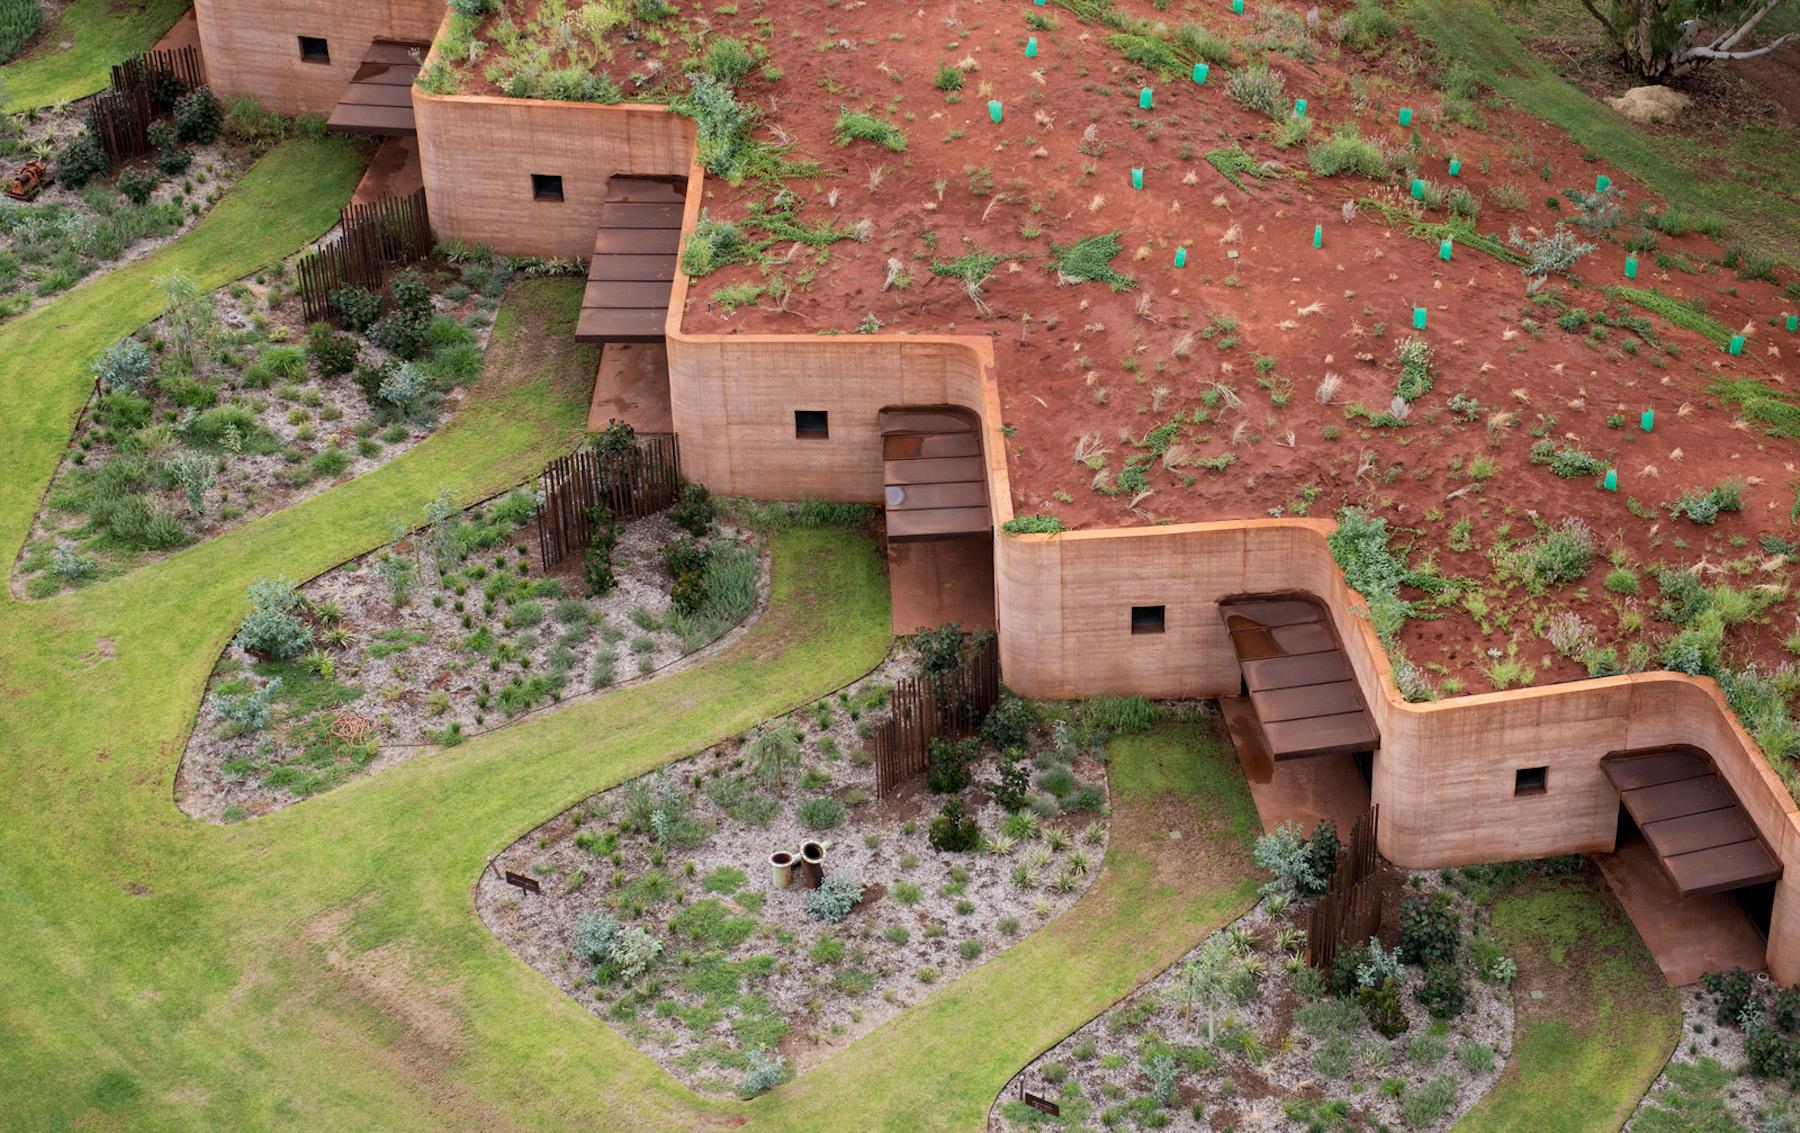 Edificaciones con tierra extraída de arcillas locales para proyectos de arquitectura del paisaje